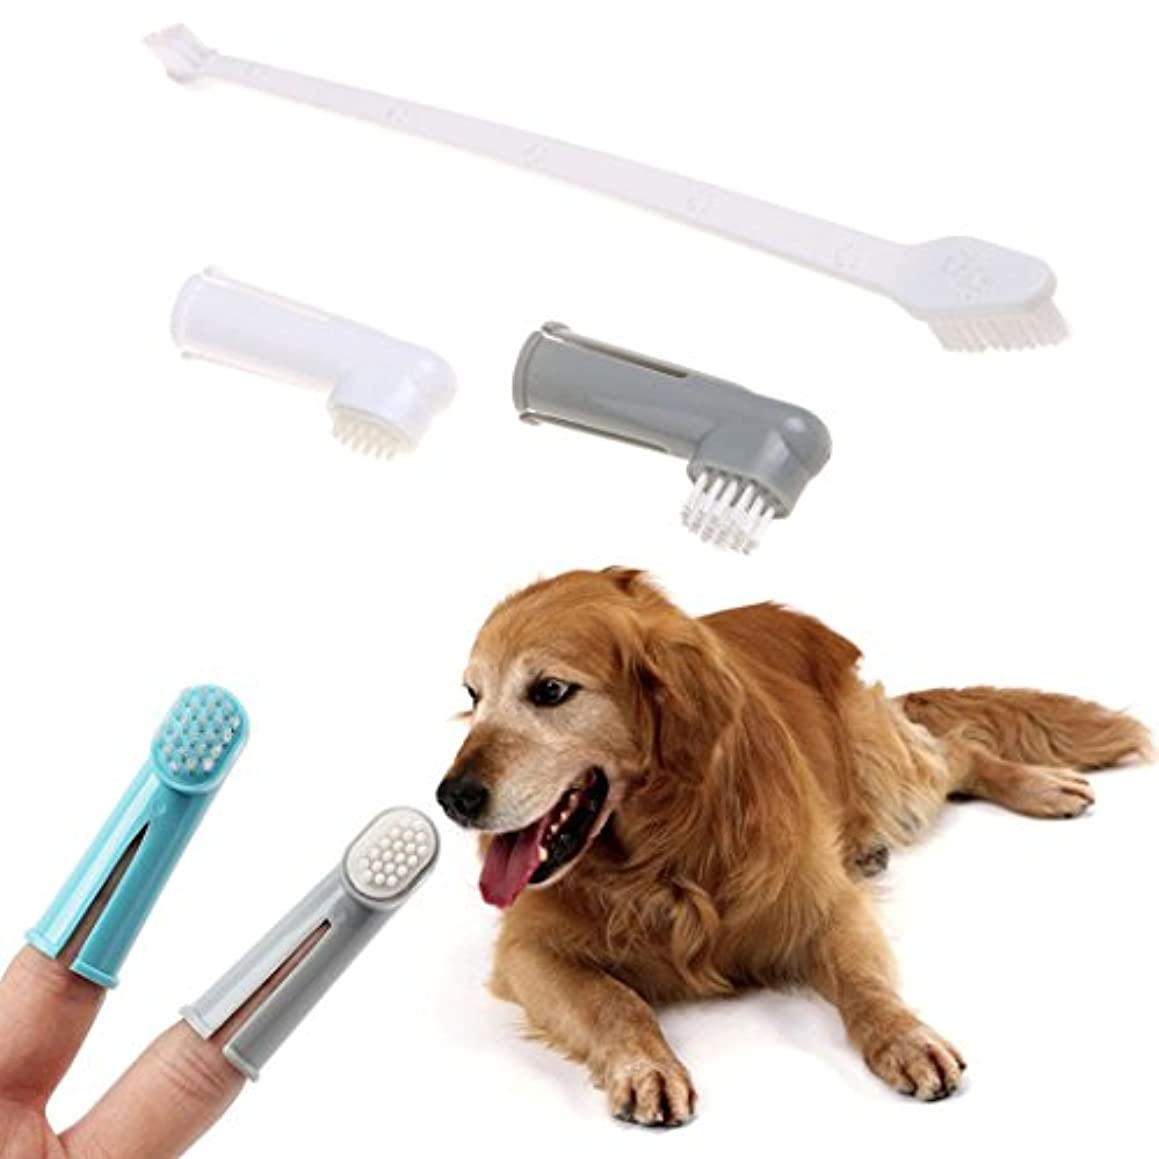 ライフルあごひげ乳剤Legendog ペットの歯ブラシ 犬用歯ブラシ 指歯 ブラシ 歯磨き ペット歯ケア用品 カラフル 3ピースセット(合計9個)